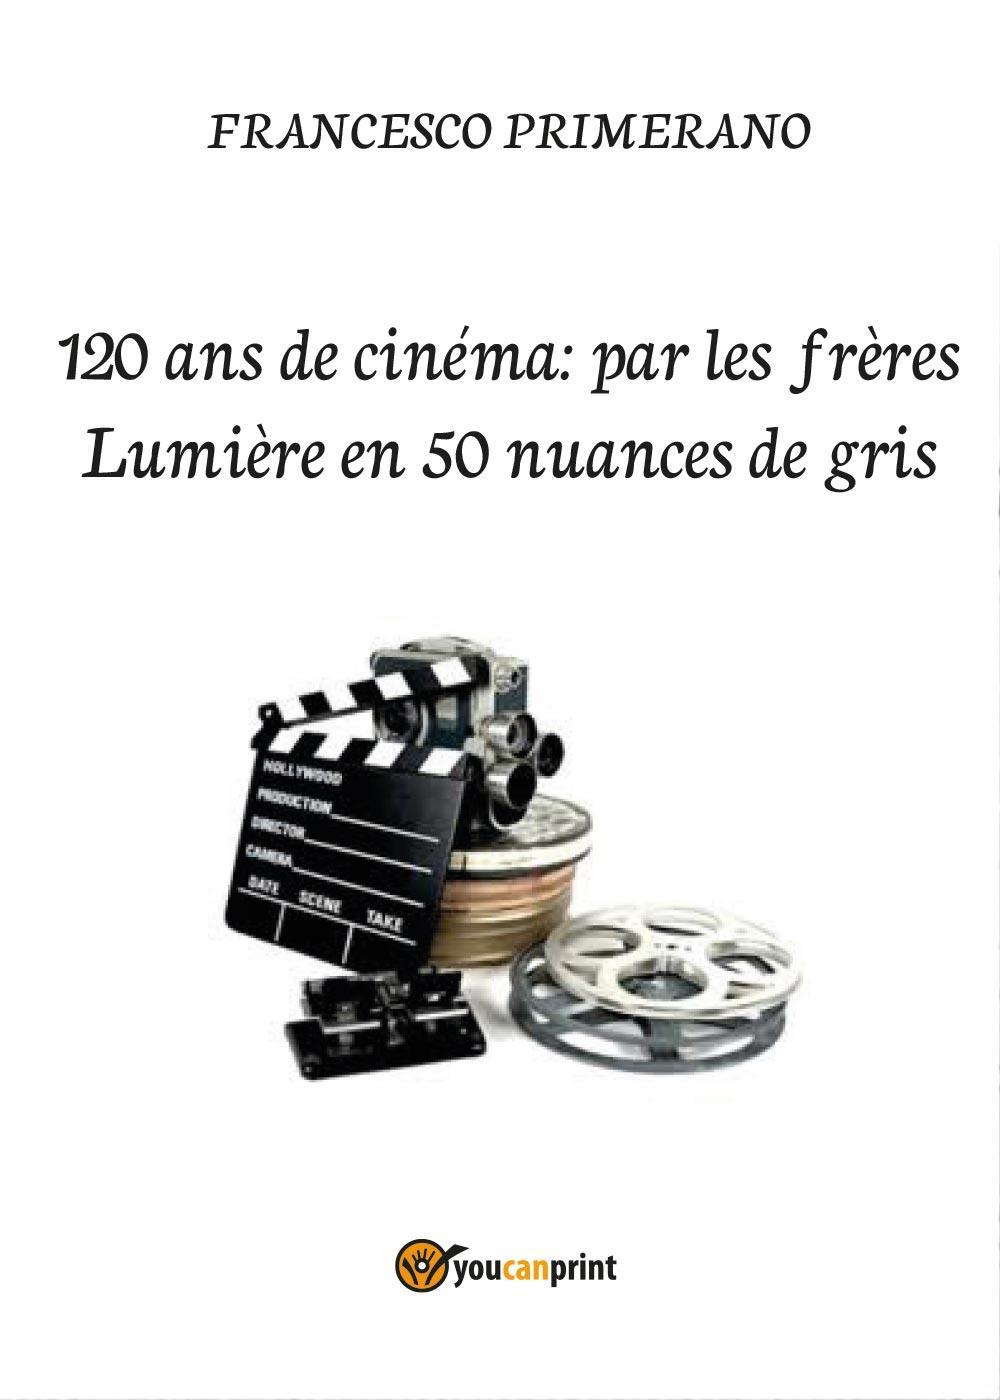 120 ans de cinéma: par les frères Lumière en 50 nuances de gris